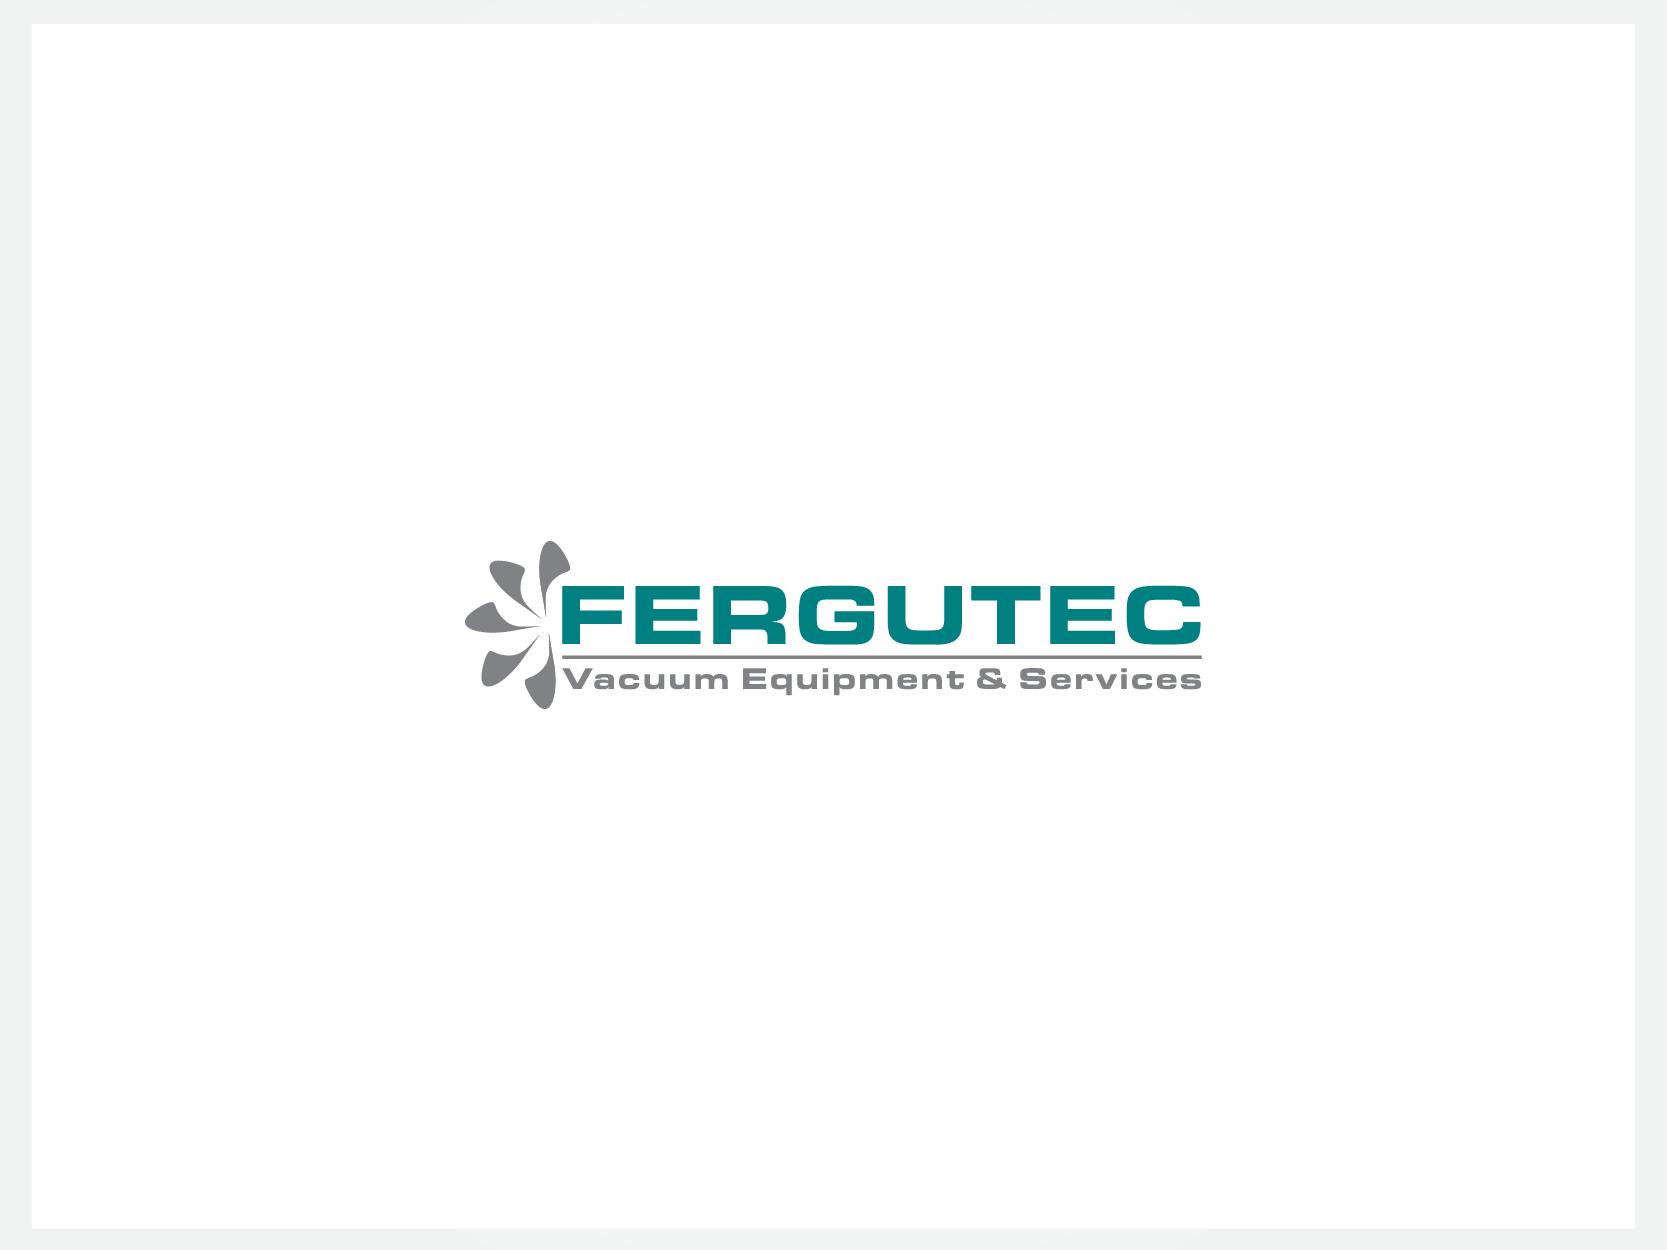 Help Fergutec.com with a new logo